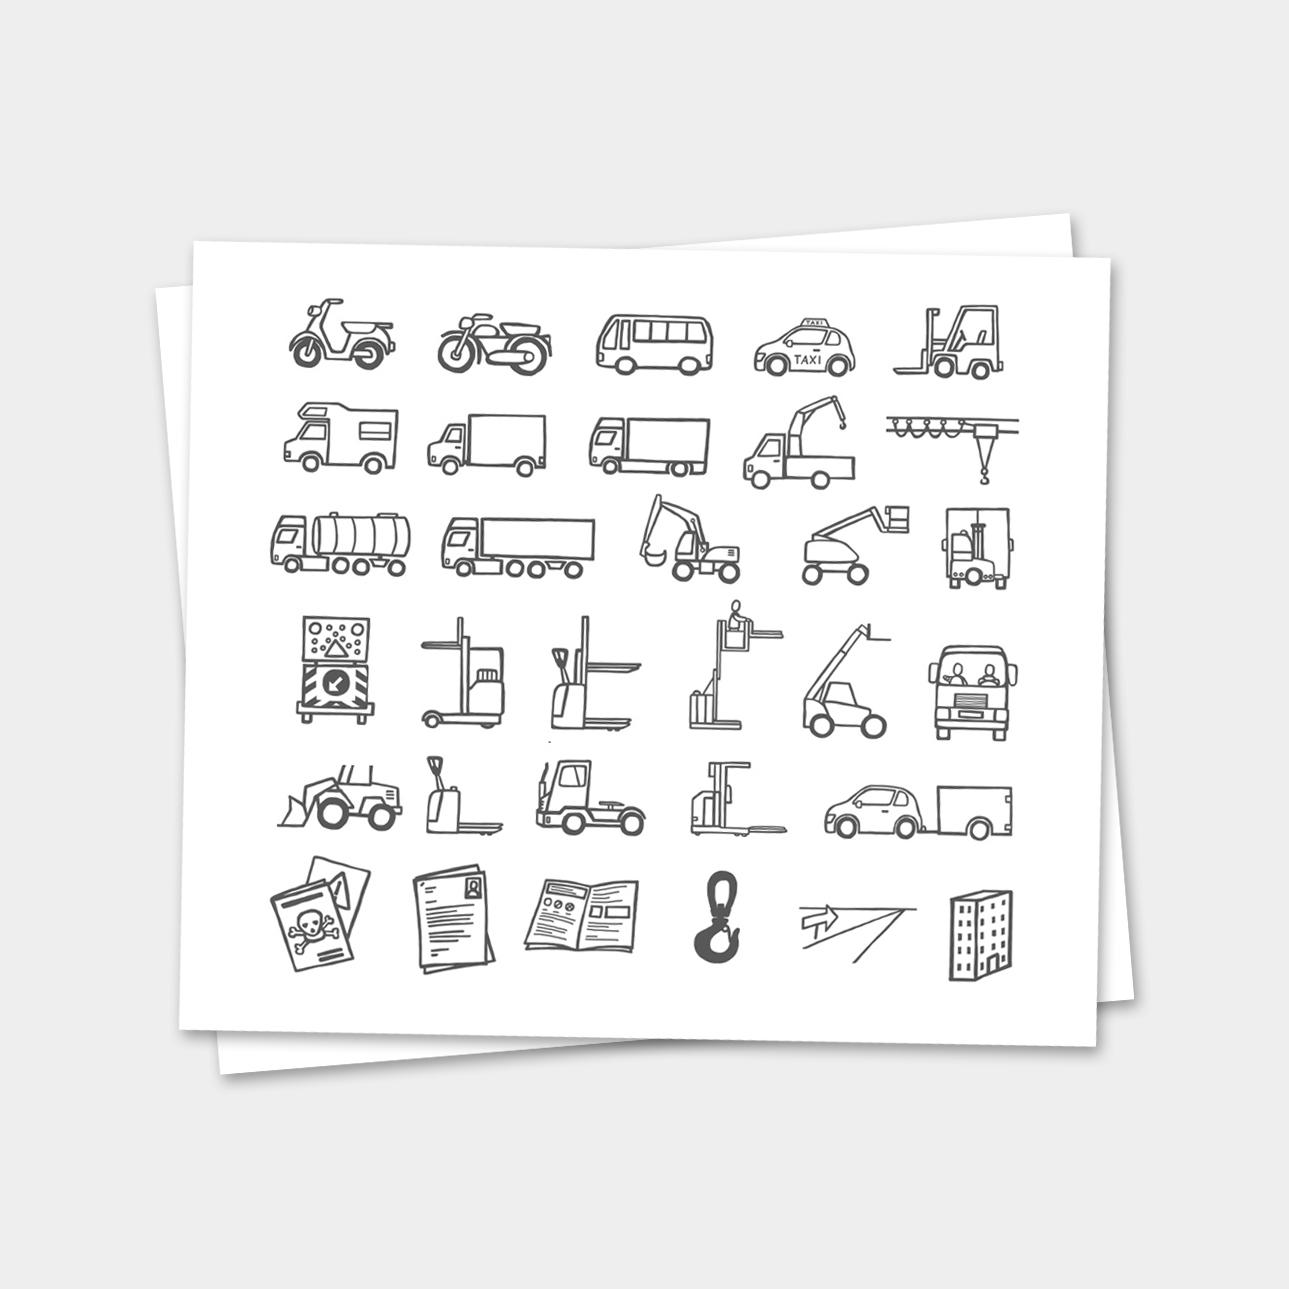 iconen-van-buuren-rijopleidingen